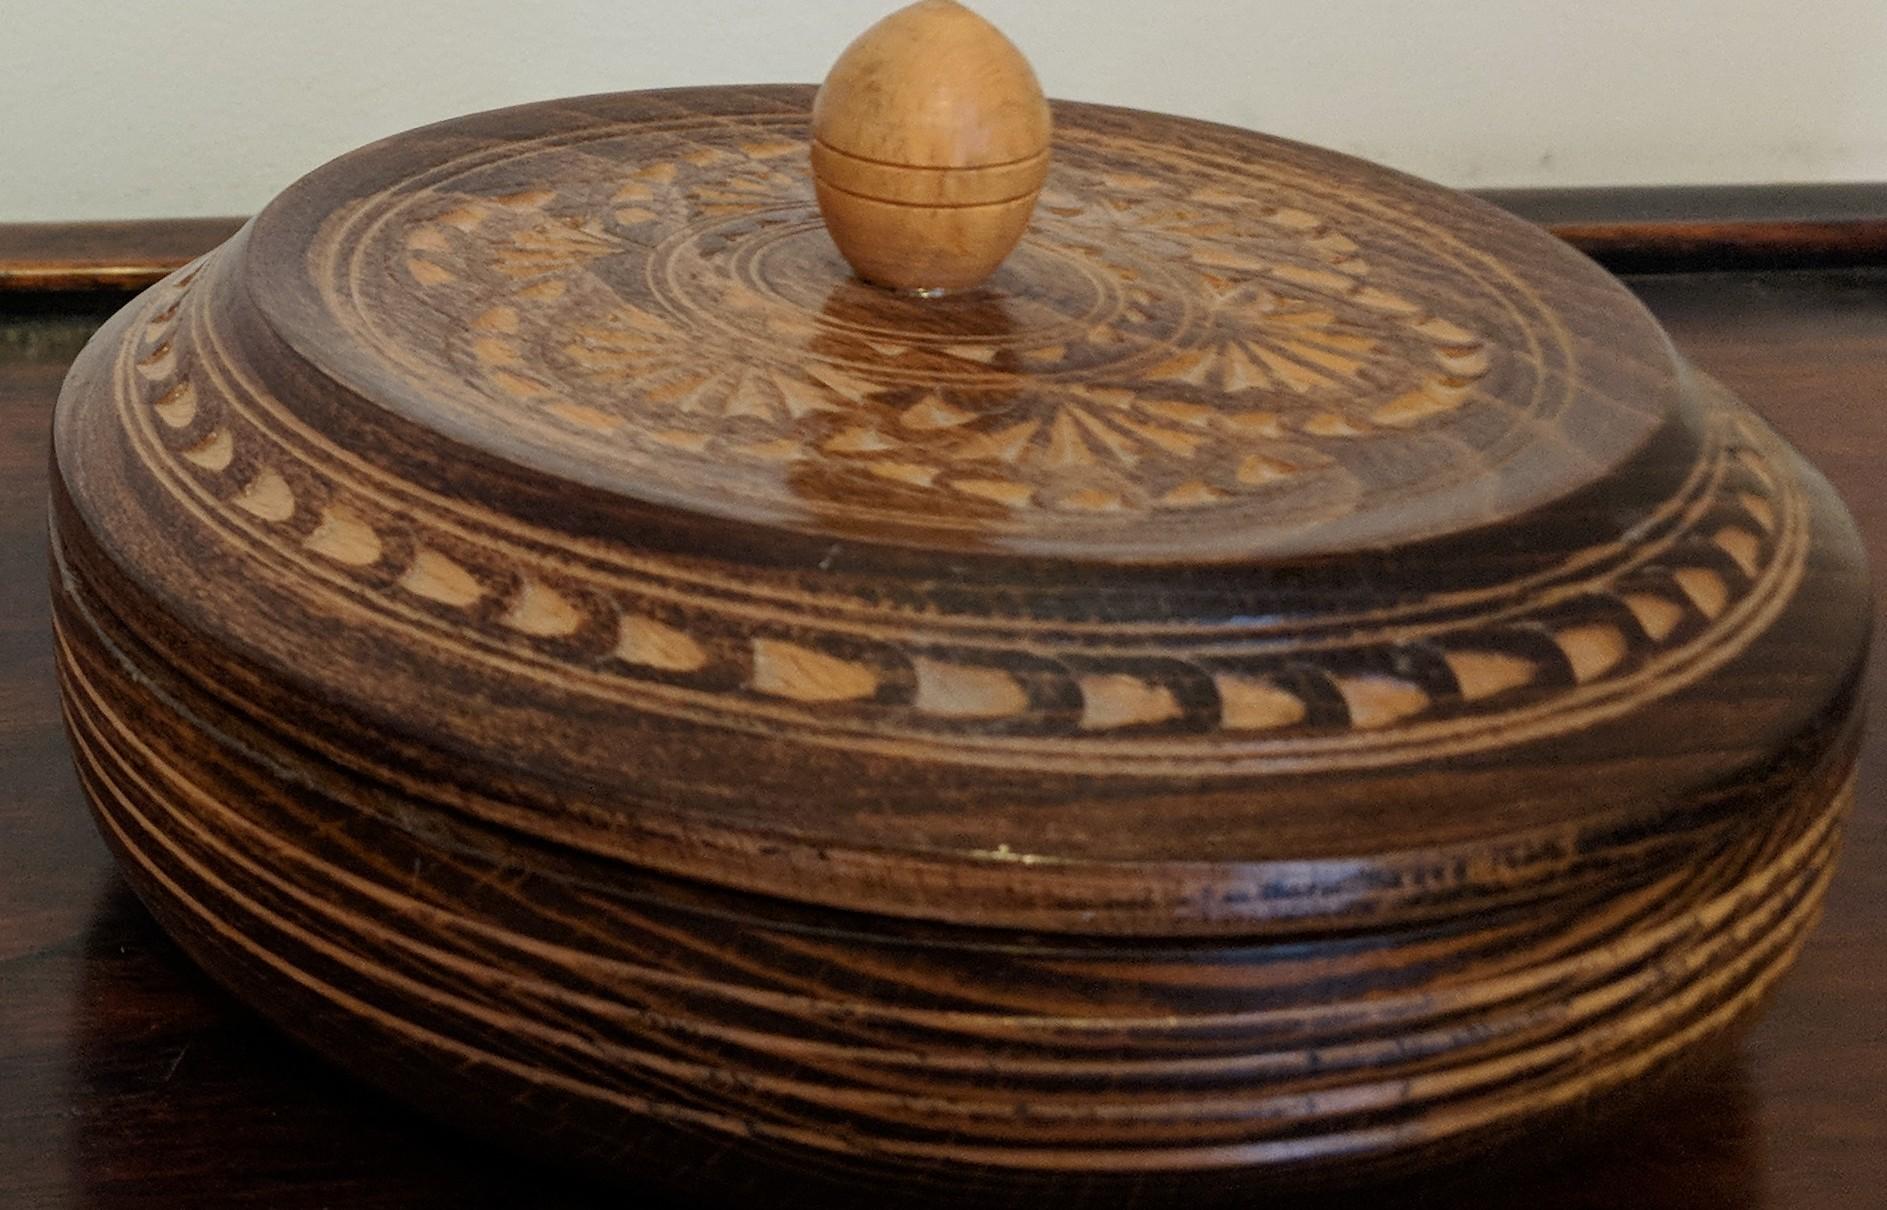 Vintage Round Wooden Trinket Box